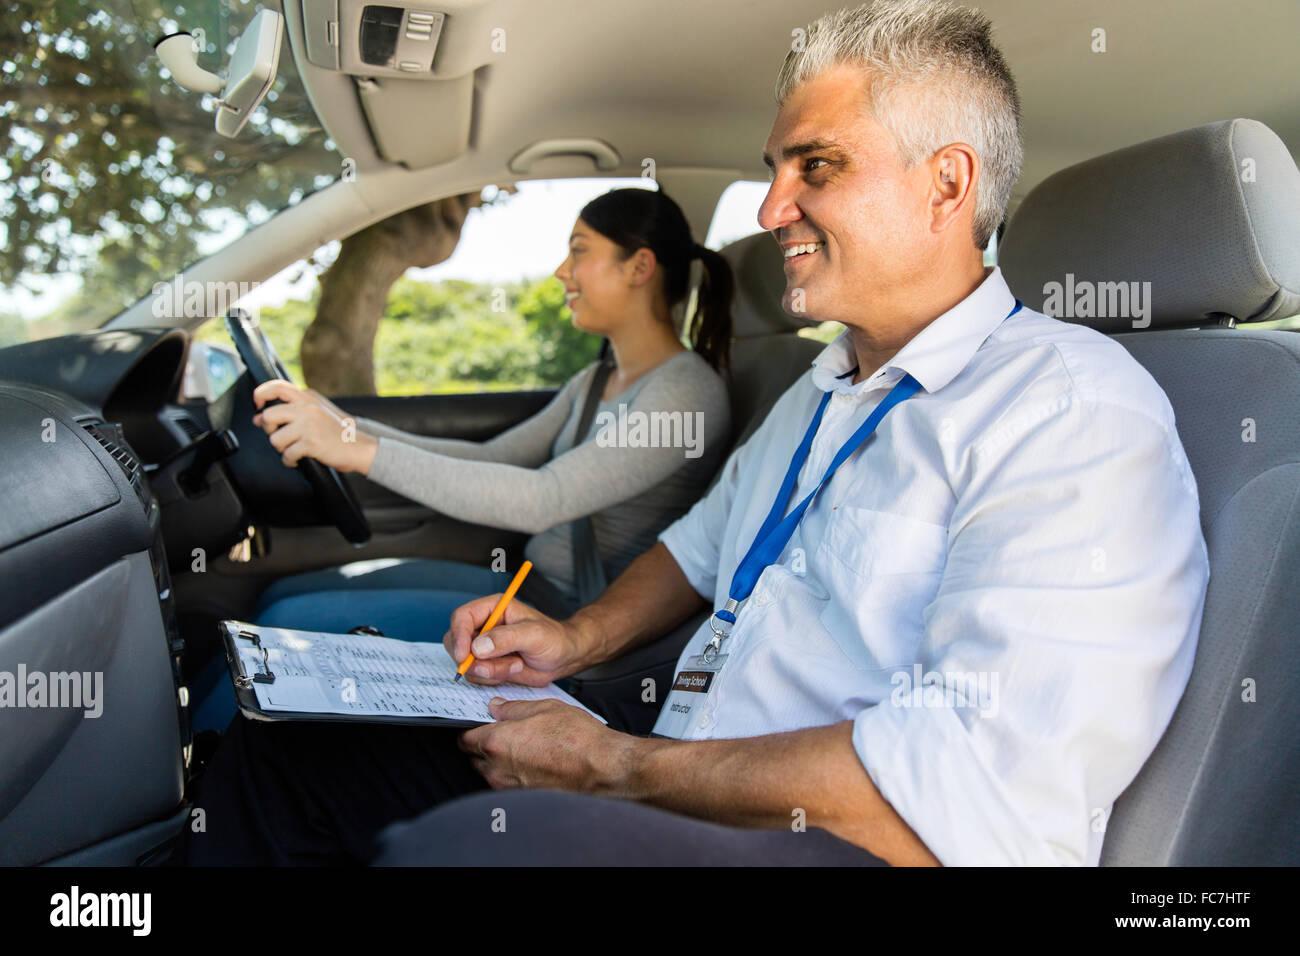 Joven tomando pruebas de conducción con instructor Imagen De Stock